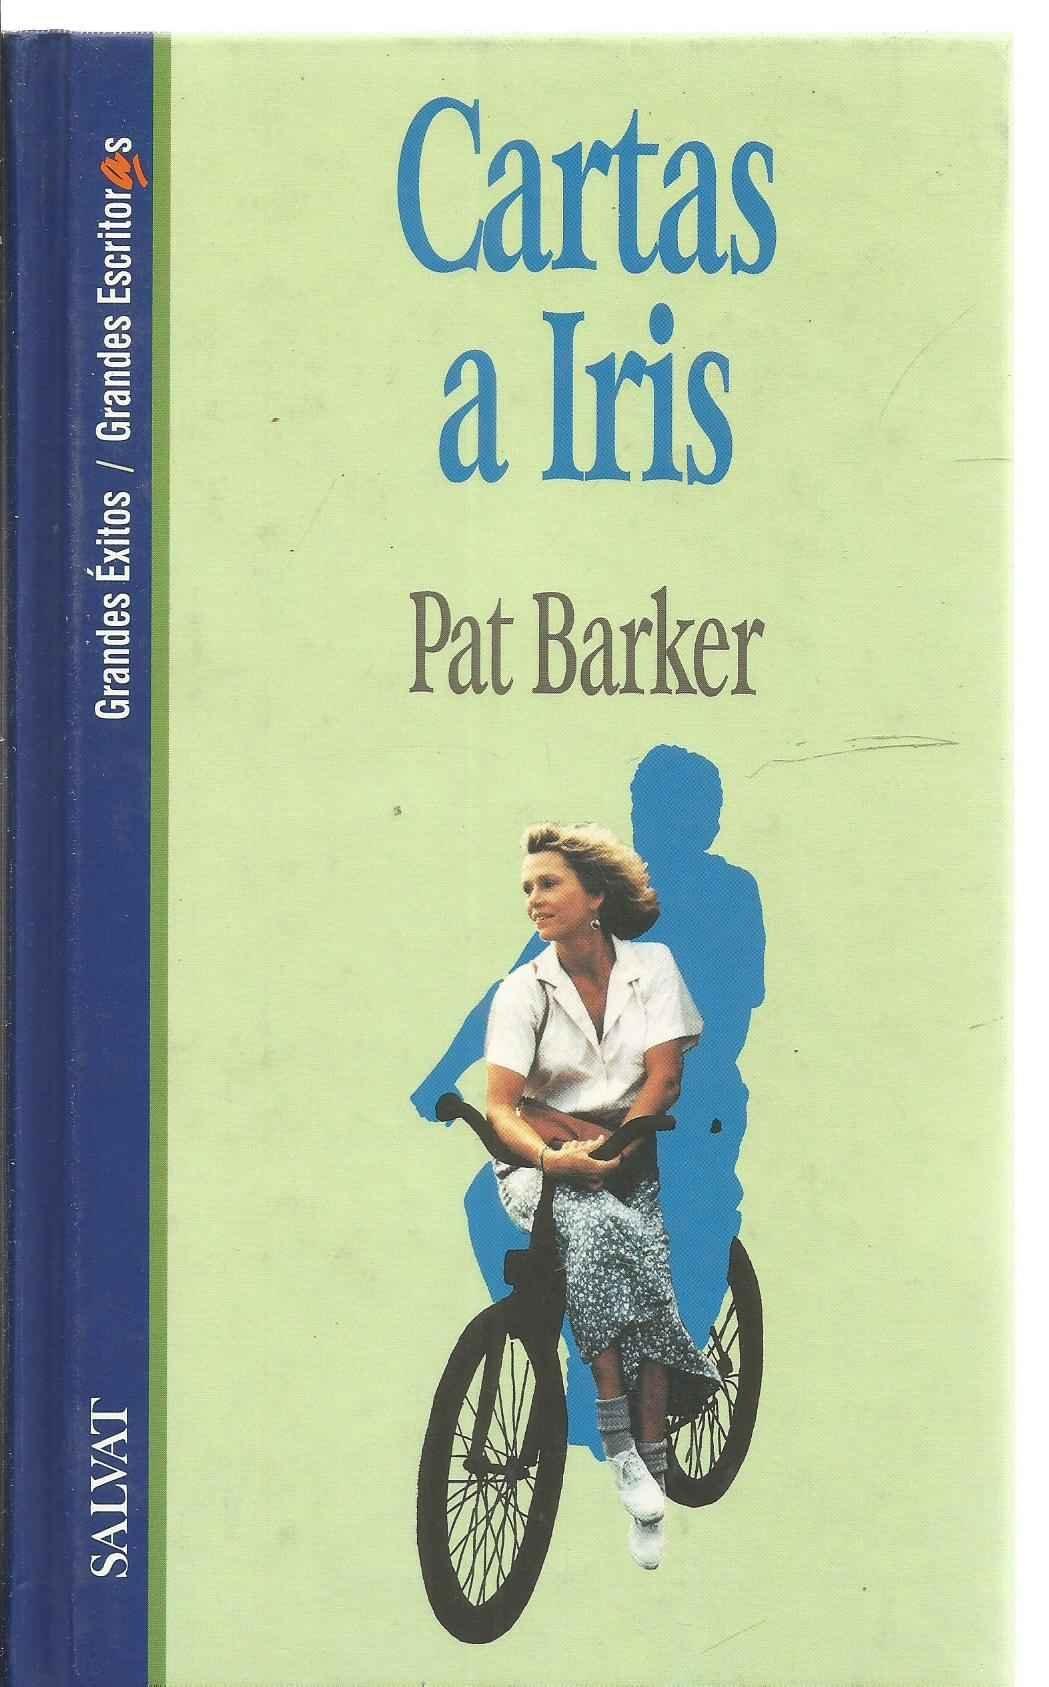 CARTAS A IRIS: Amazon.es: Pat Barker: Libros